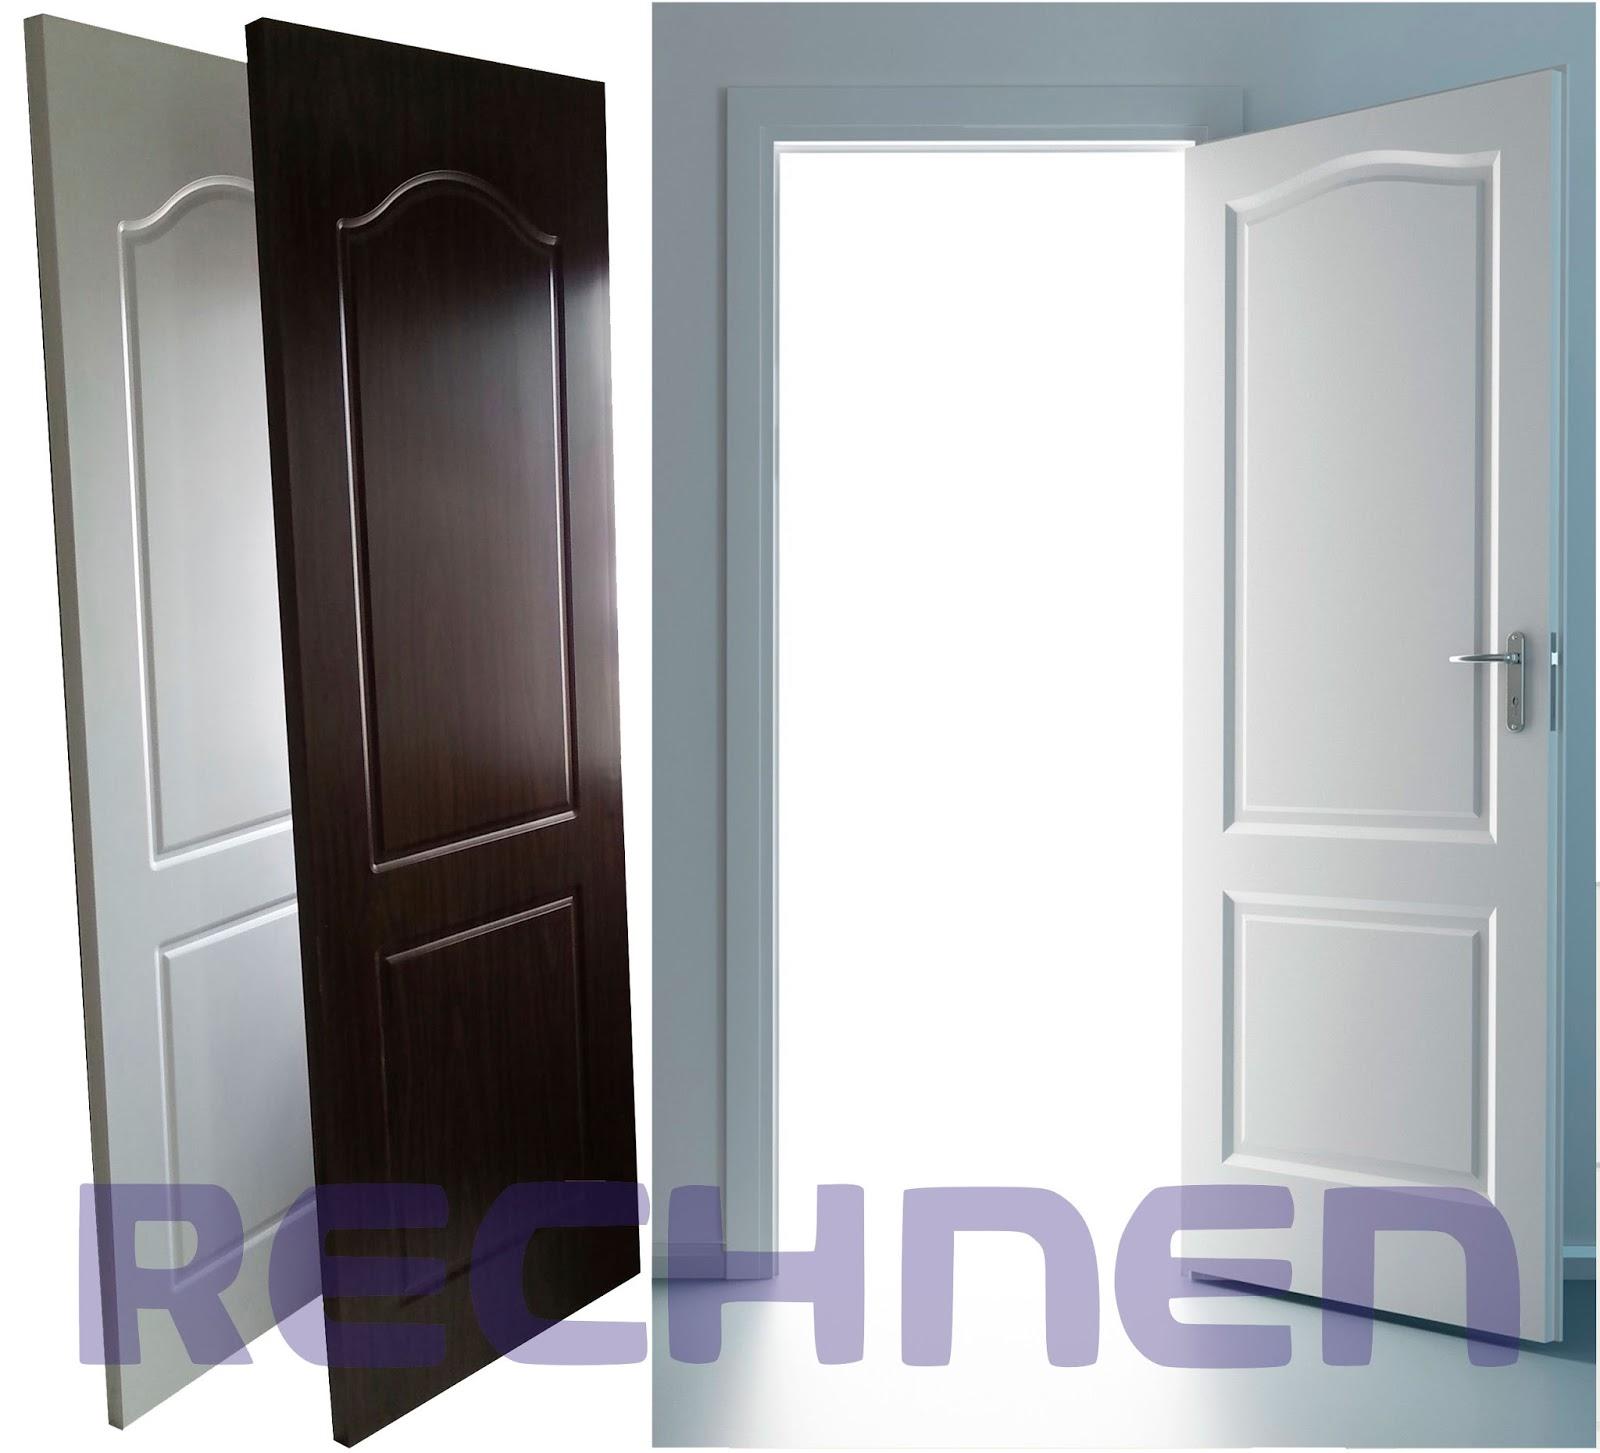 Medidas de puertas interiores puertas interiores en - Medidas de puertas de interior ...